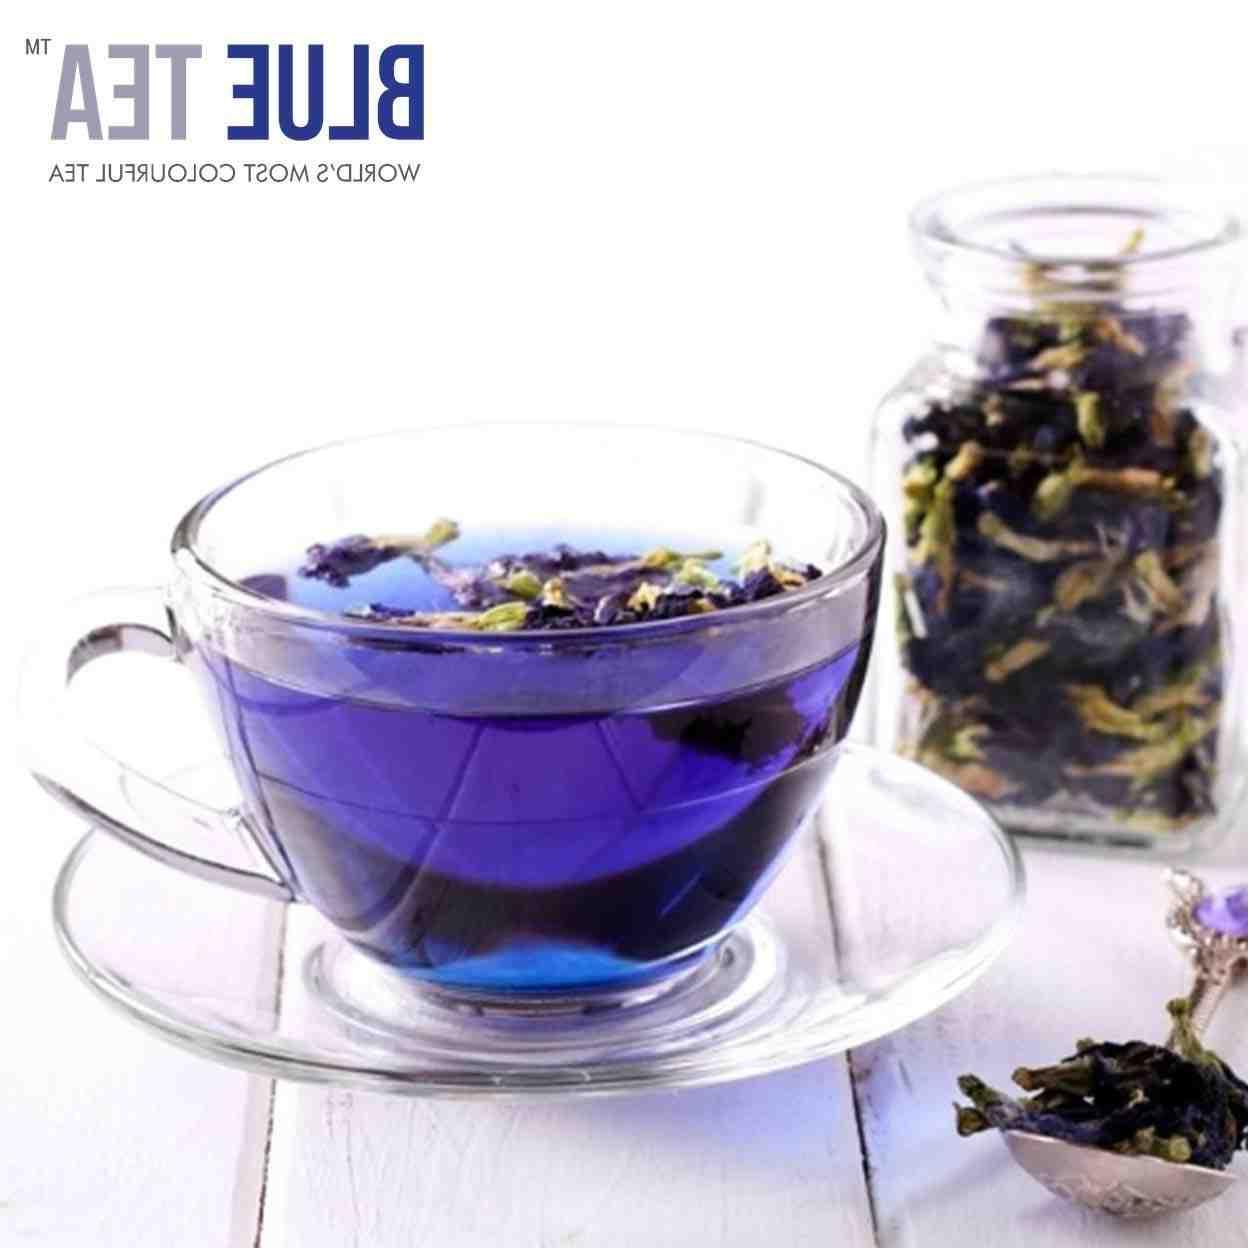 Est-ce que le thé est laxatif ?